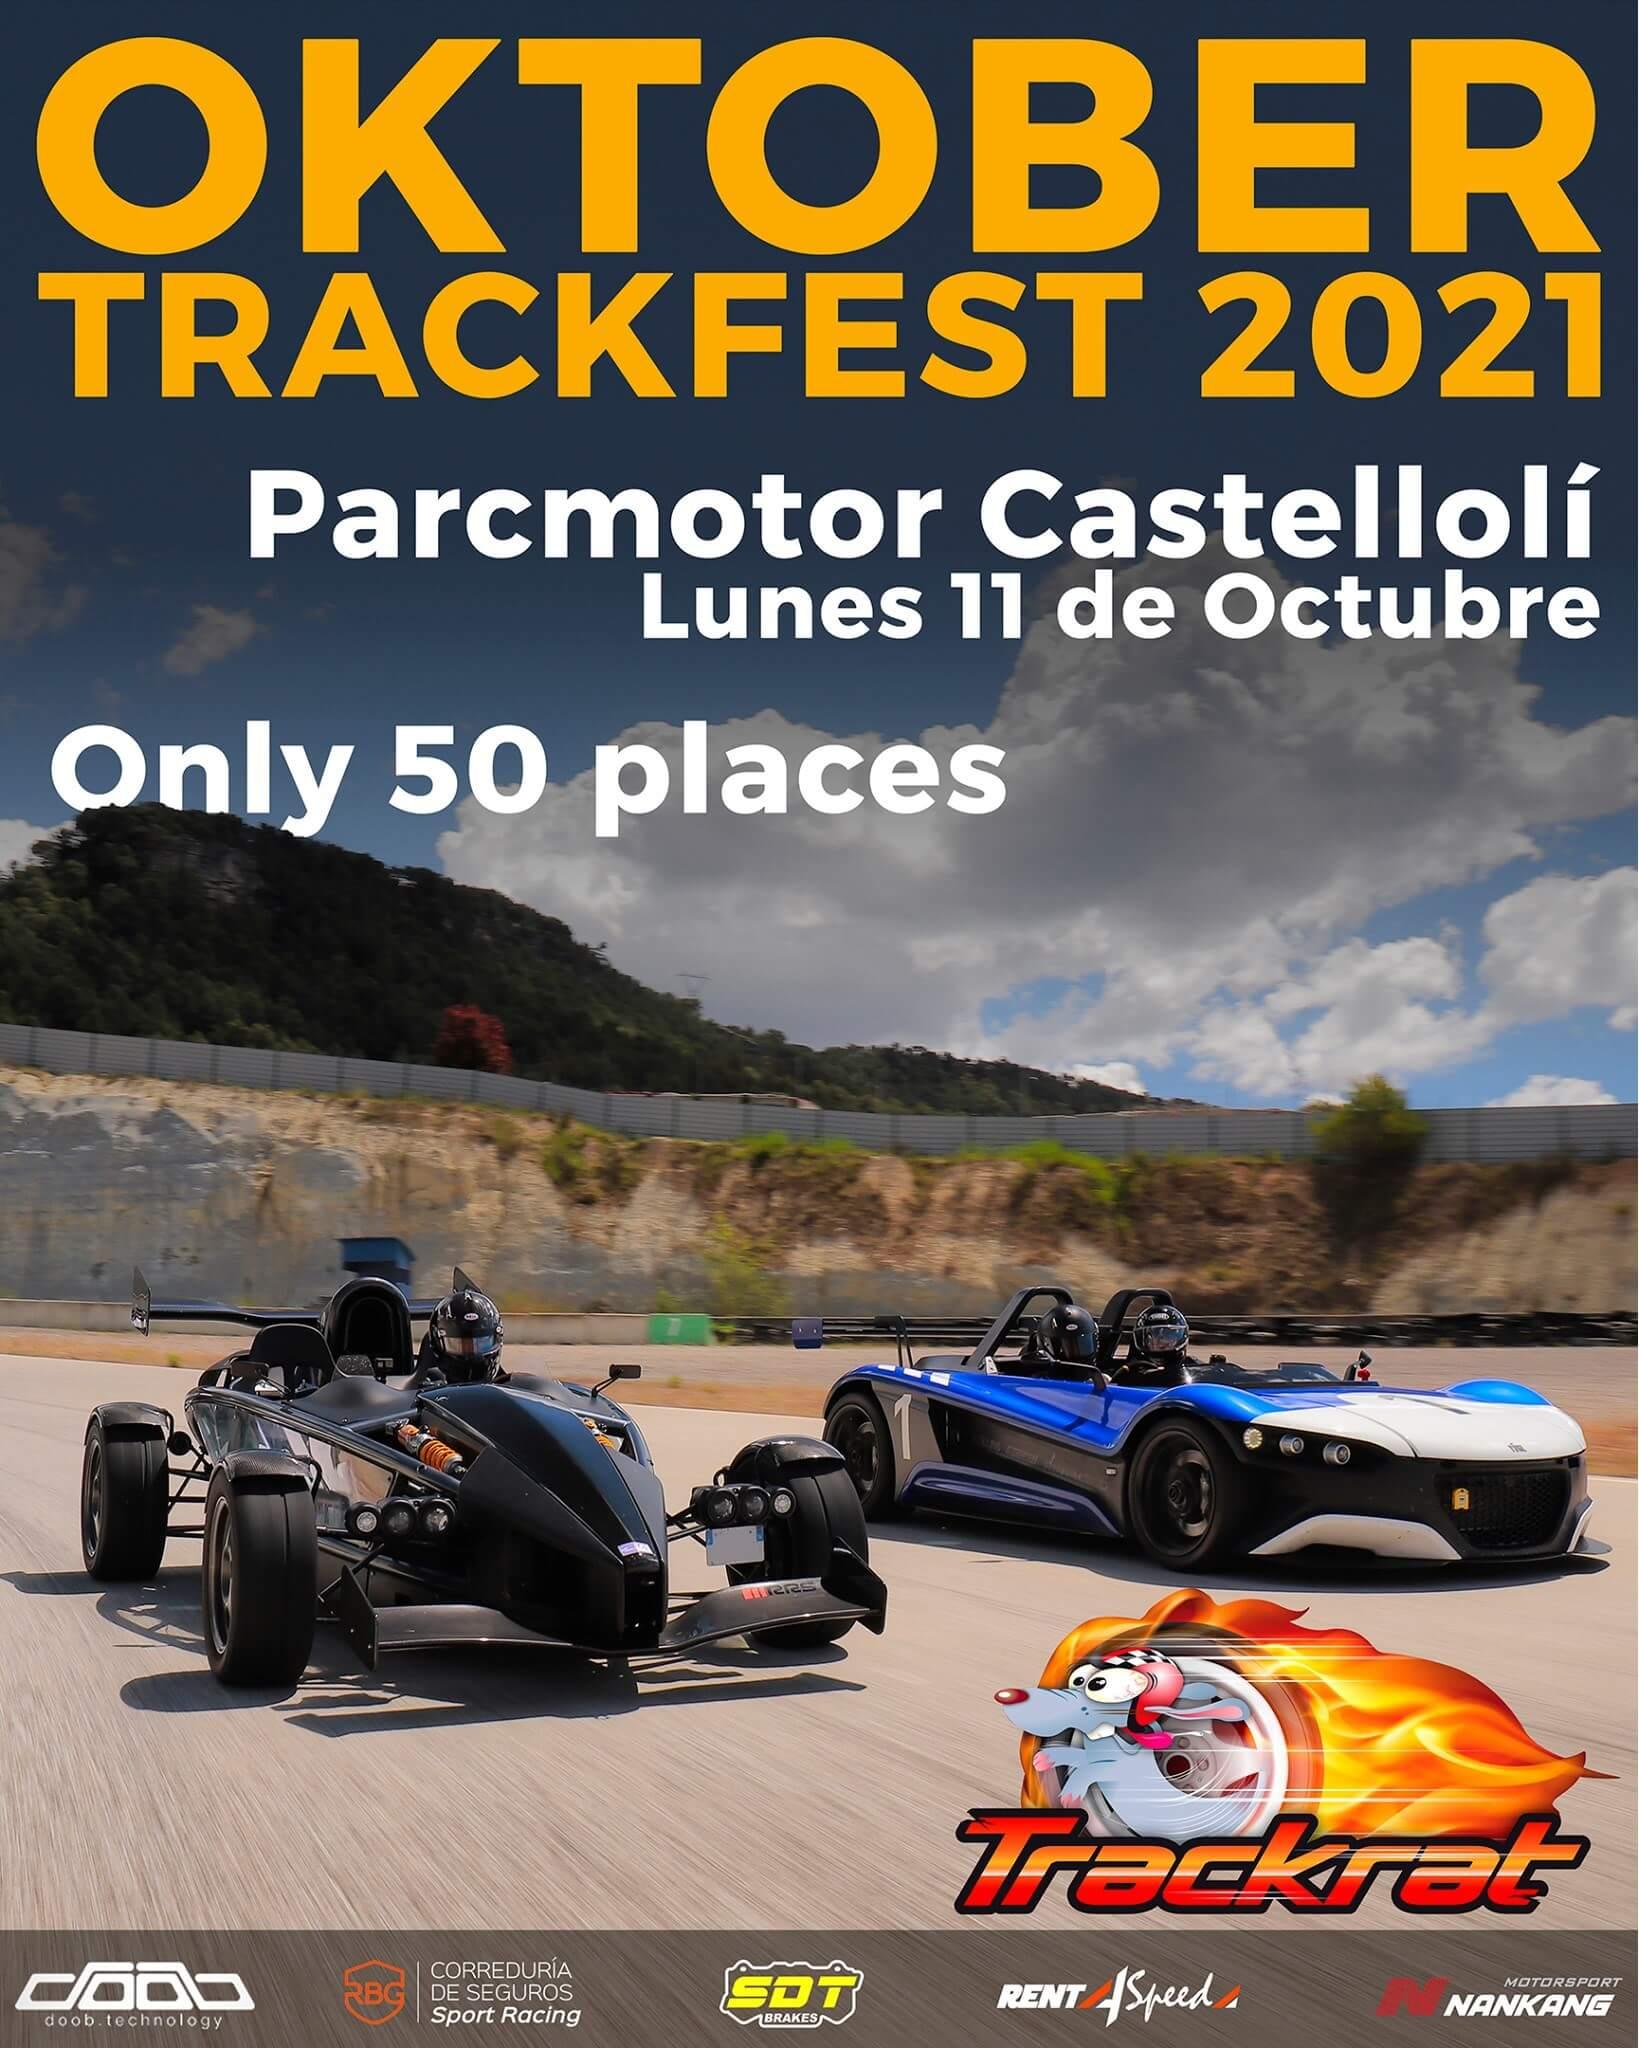 Tandas Oktober Trackfest en Castellolí